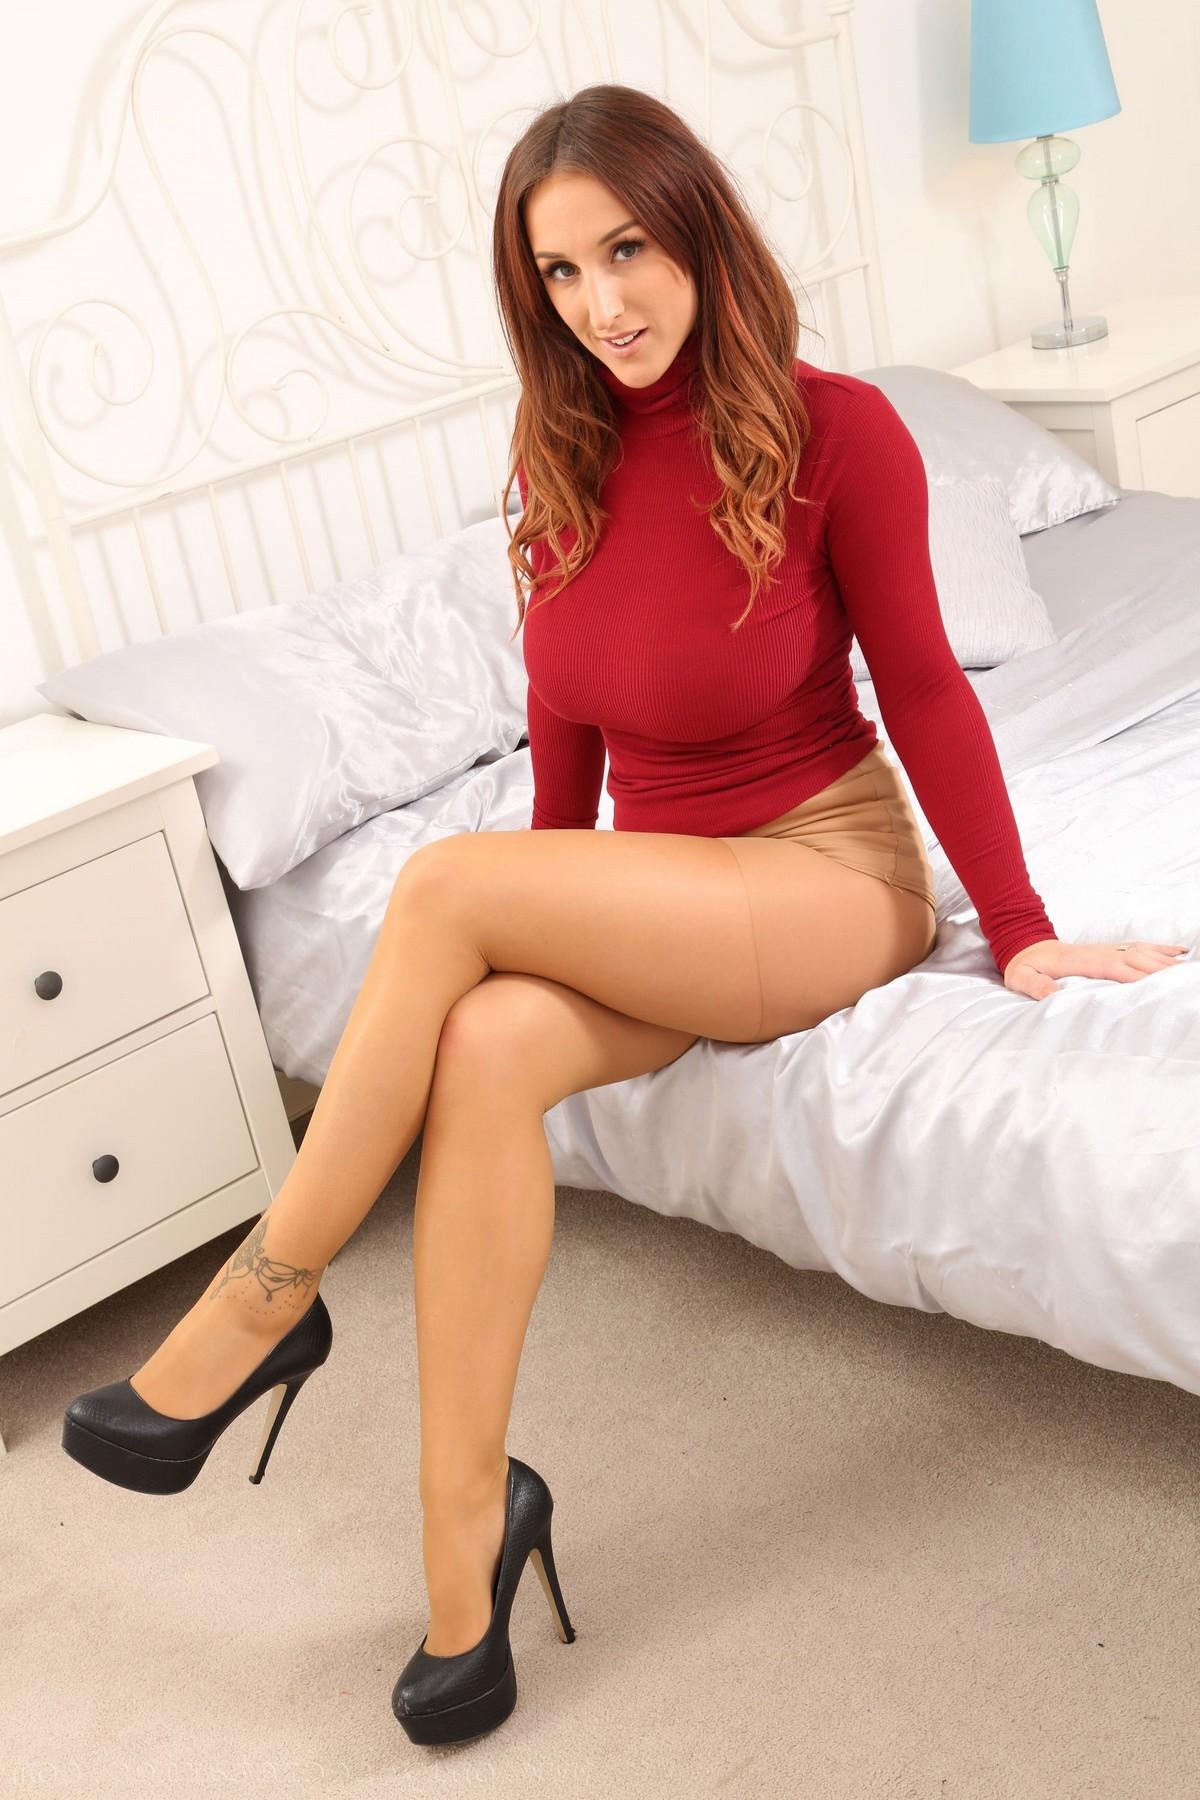 posiciones en la cama para tener sexo